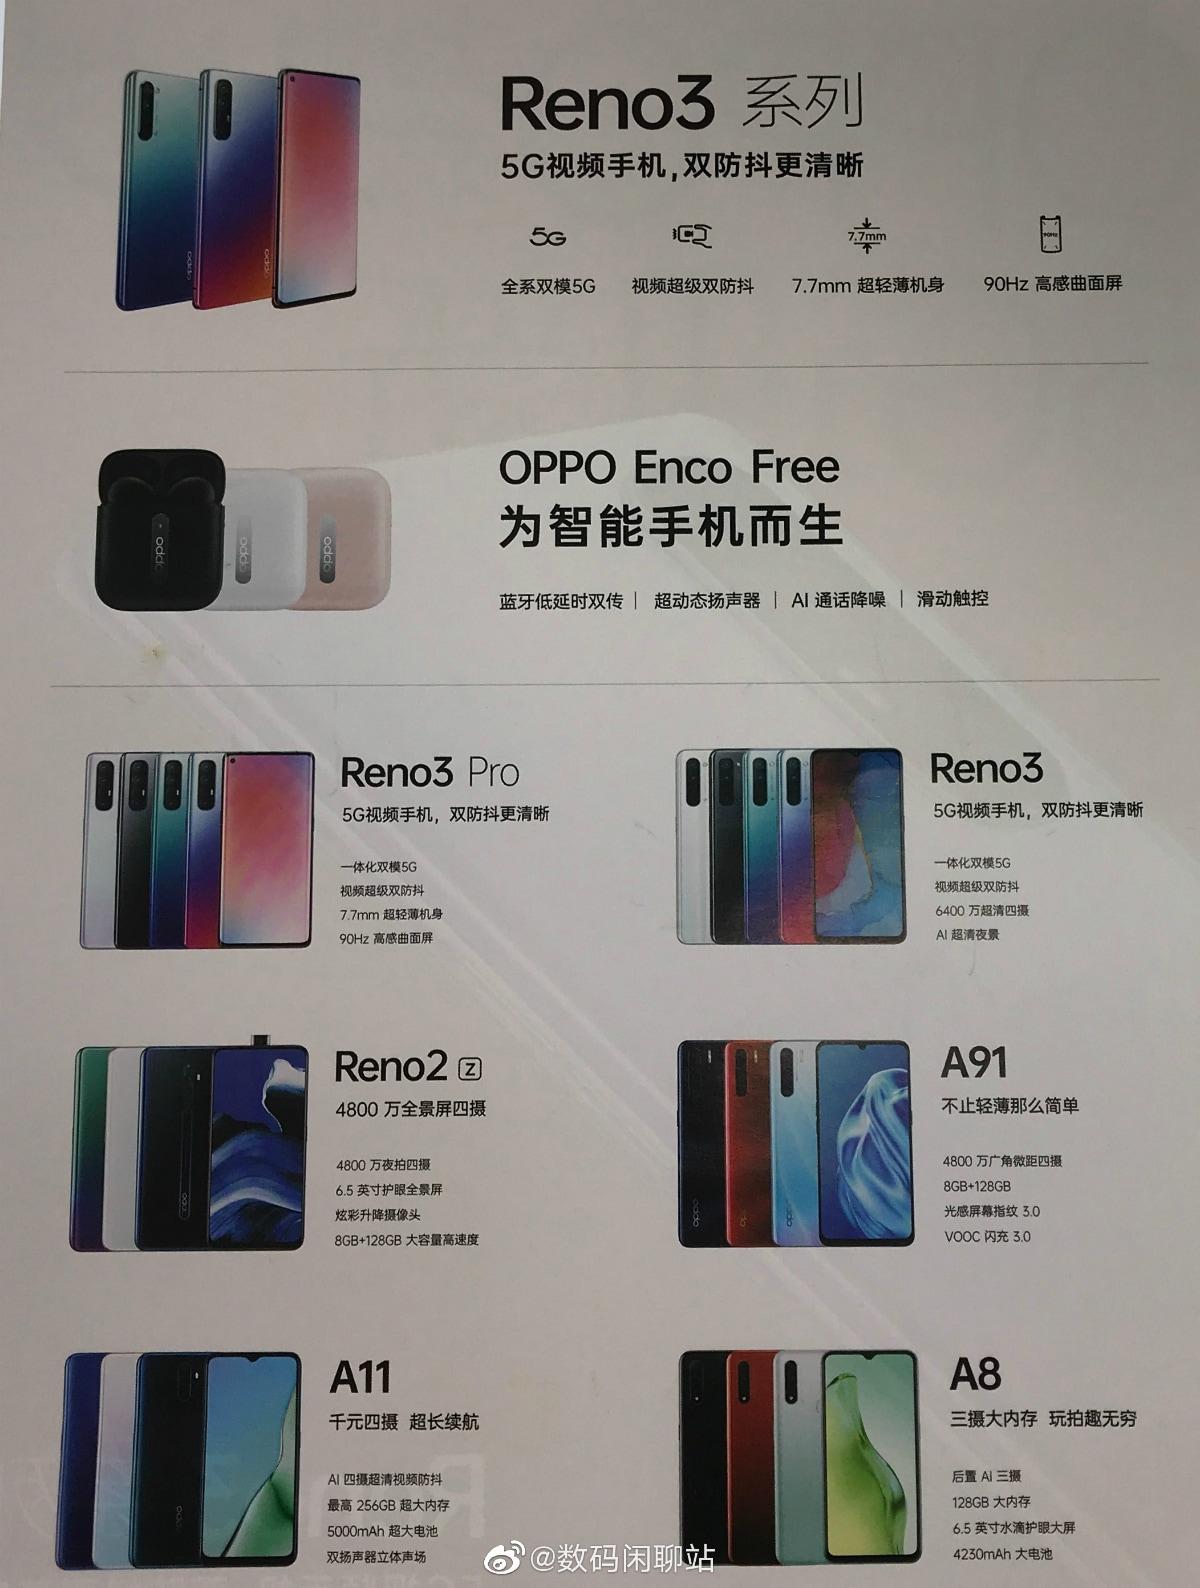 oppoa8 weibo main weibo Oppo A8